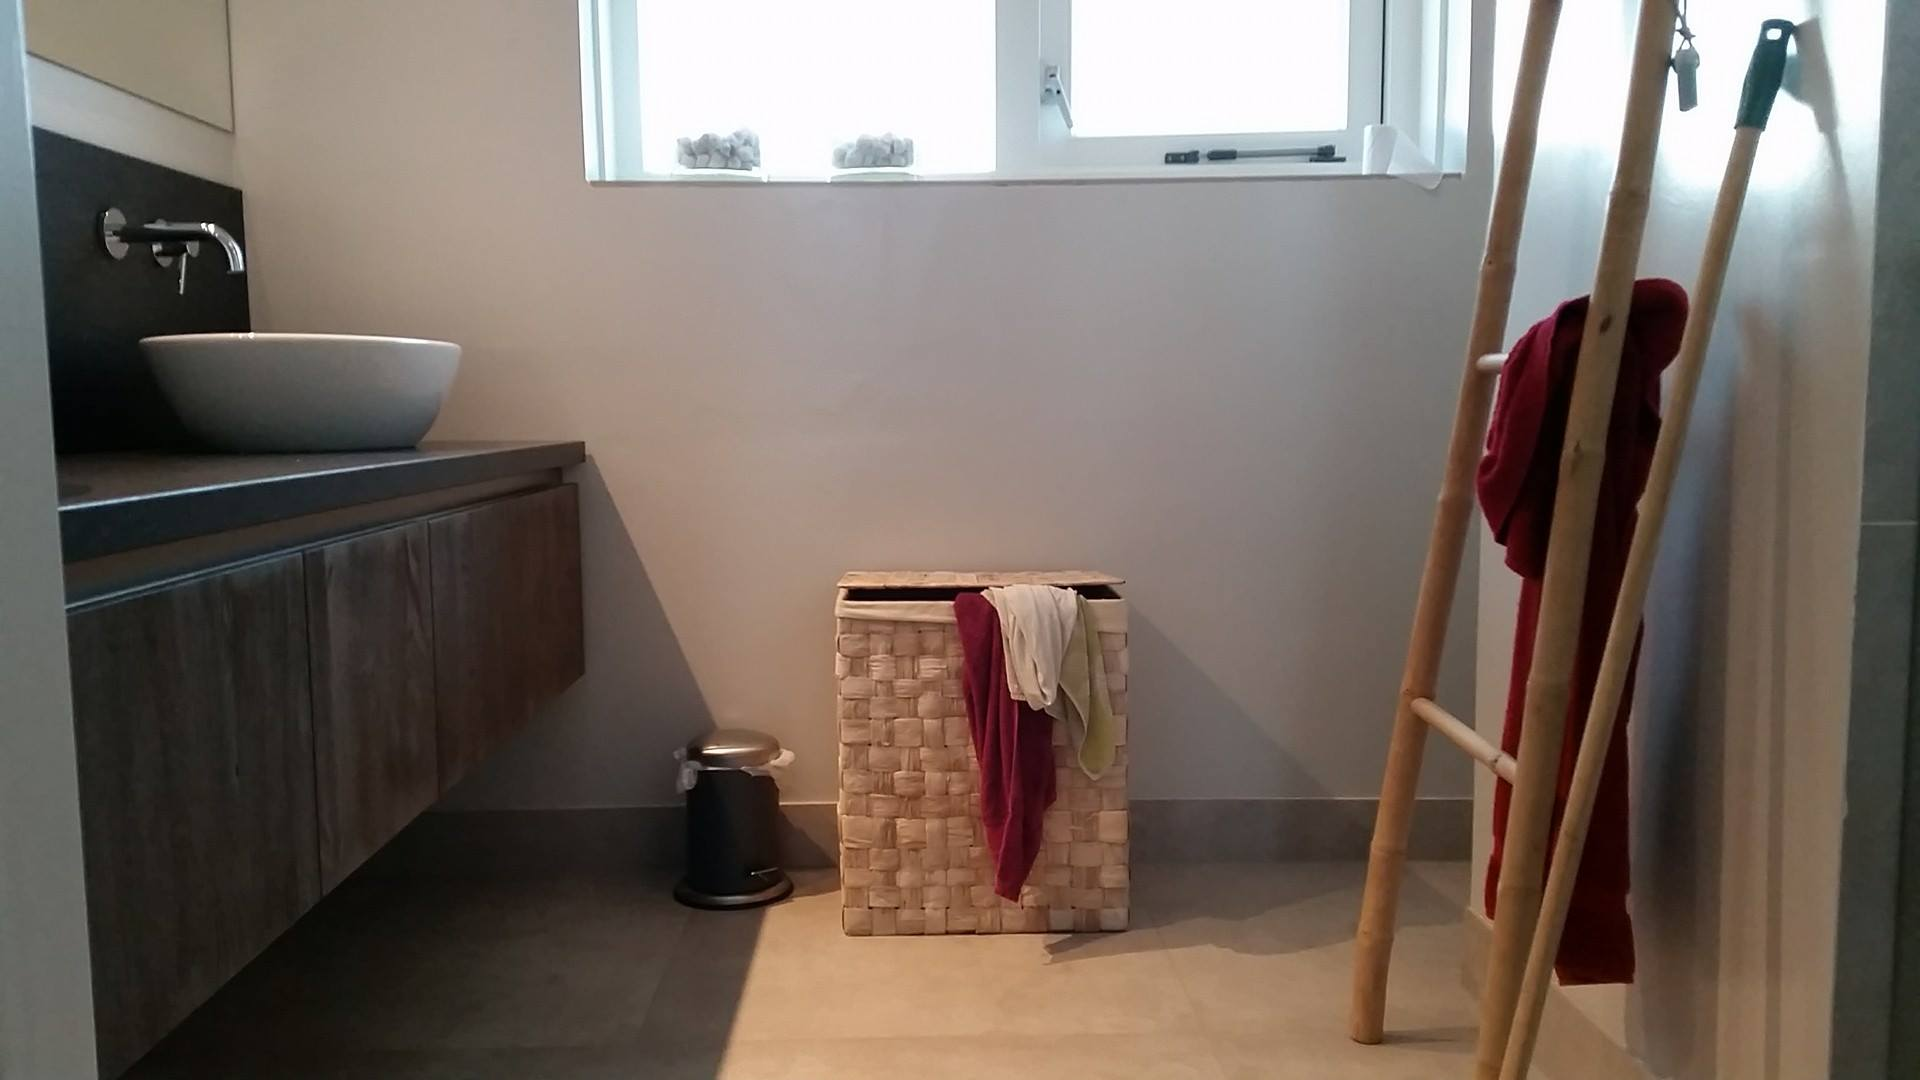 Emejing Tegels Badkamer Voorbeelden Images - New Home Design 2018 ...